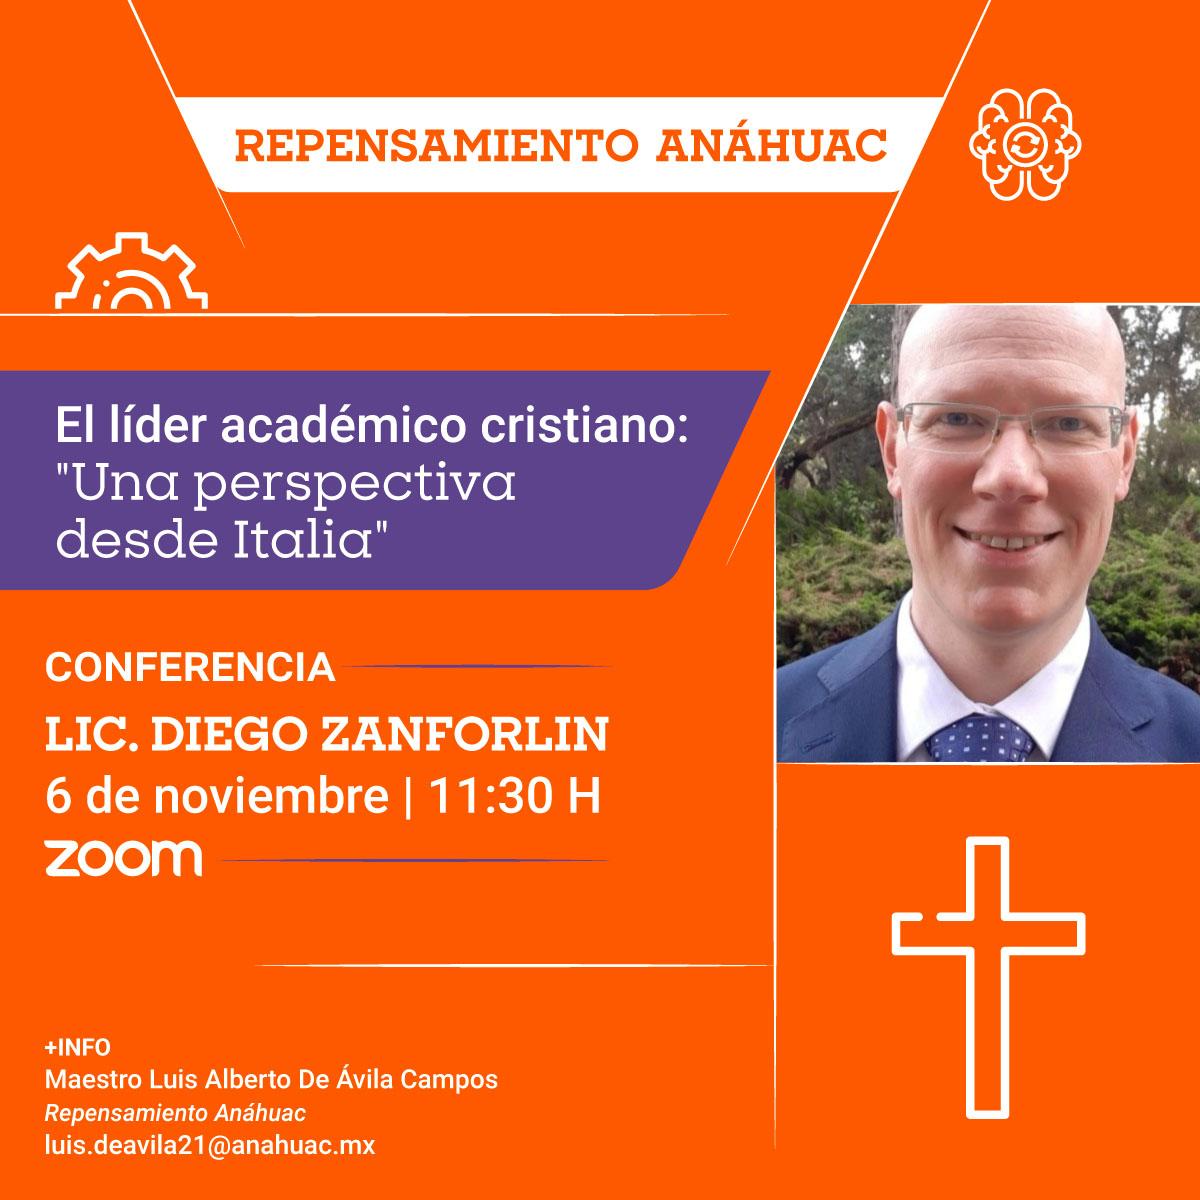 El Líder Académico Cristiano: Una Perspectiva desde la Realidad Italiana